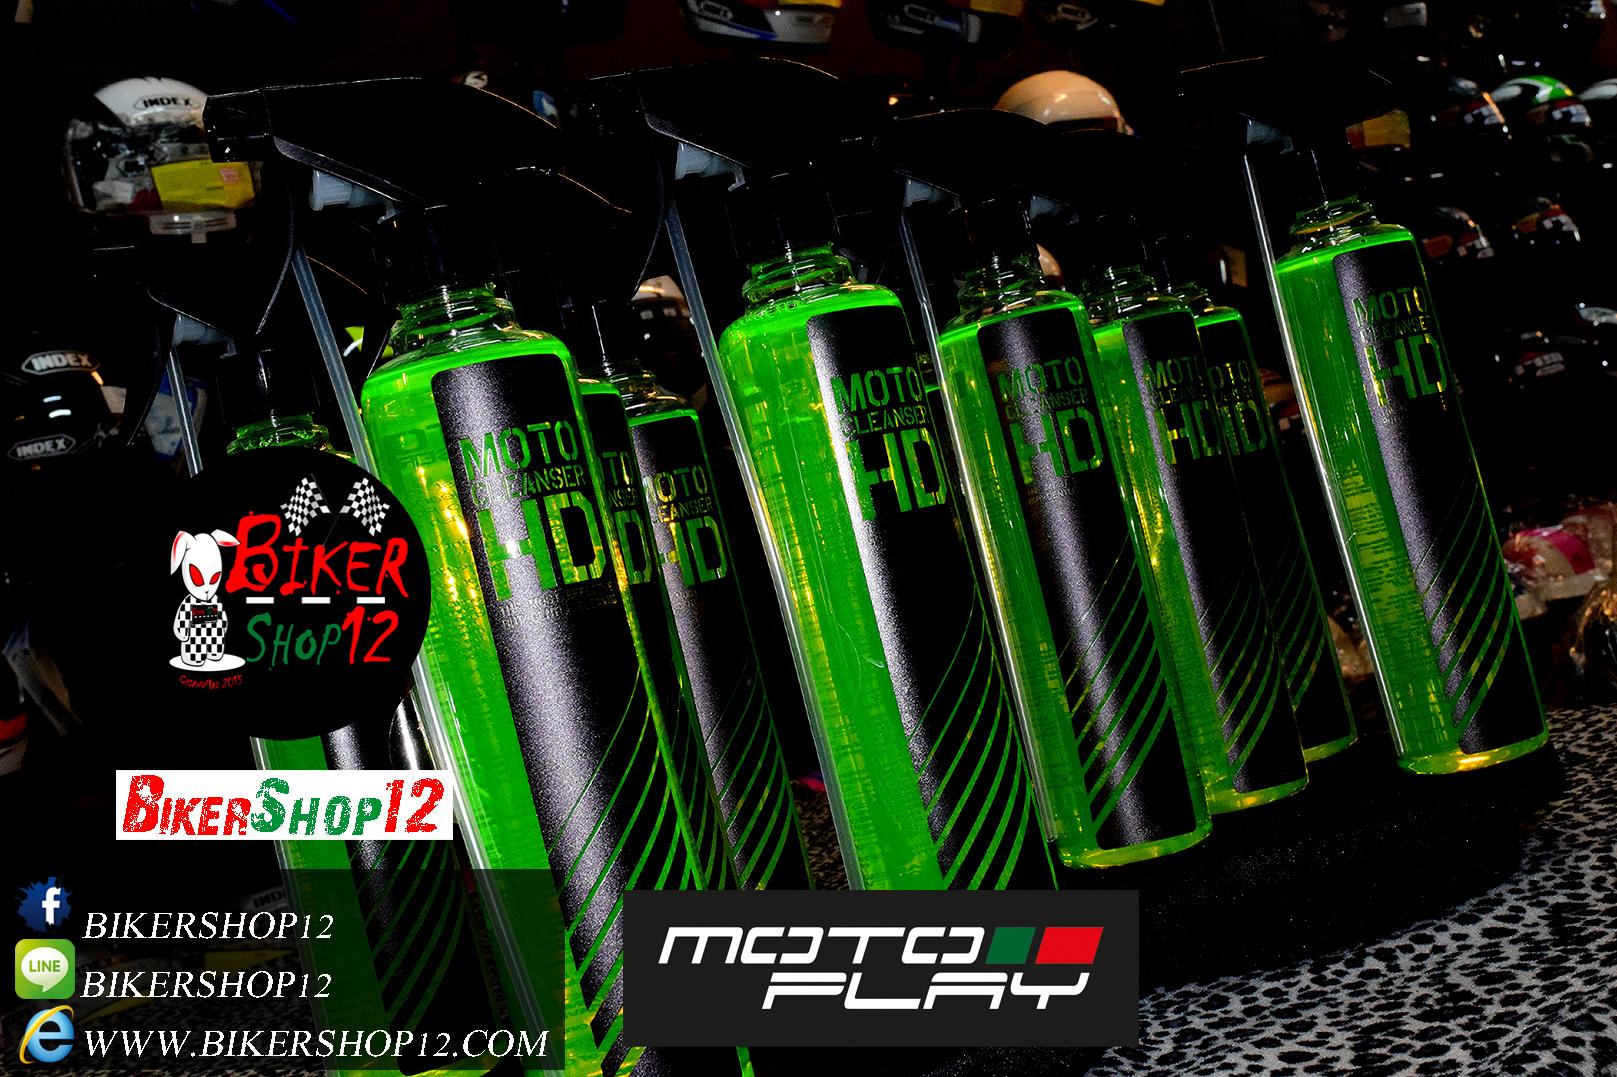 น้ำยาล้างรถ อเนกประสงค์ Moto-Cleanser HD ราคา250บาท ครึ่งลิตร